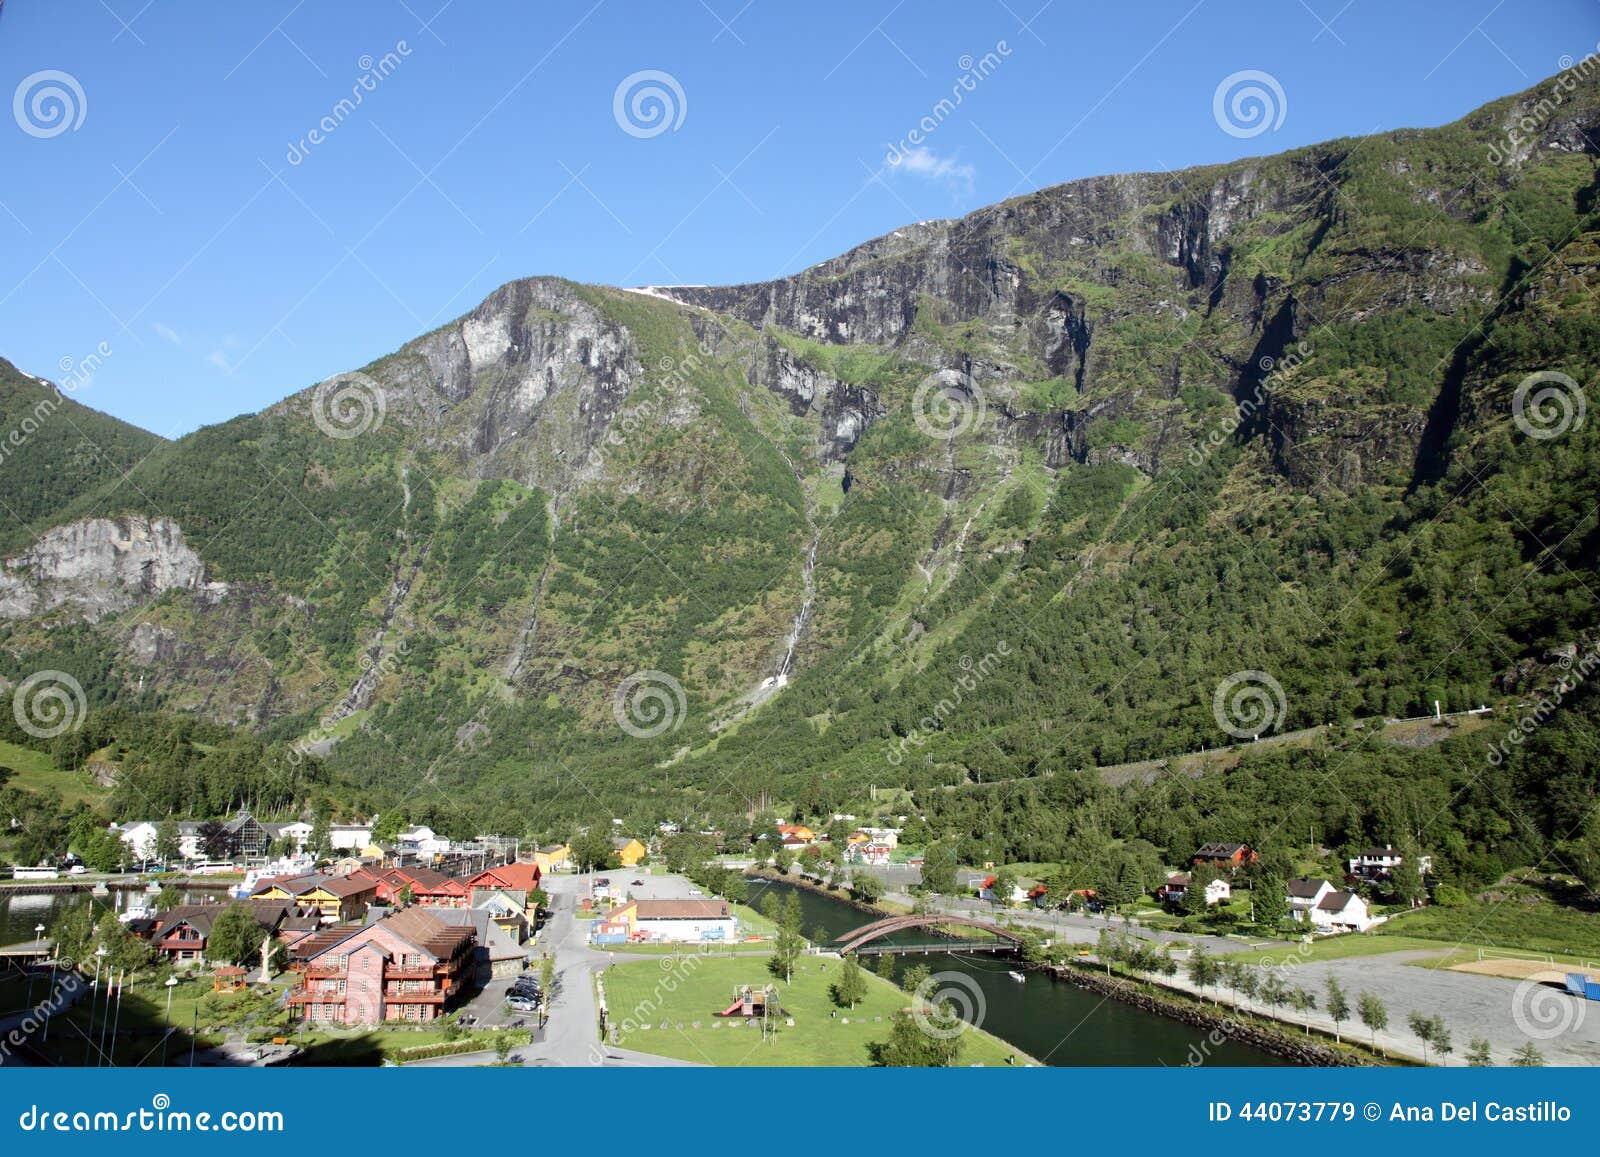 pannekakerøre 1 person sextreff sogn og fjordane